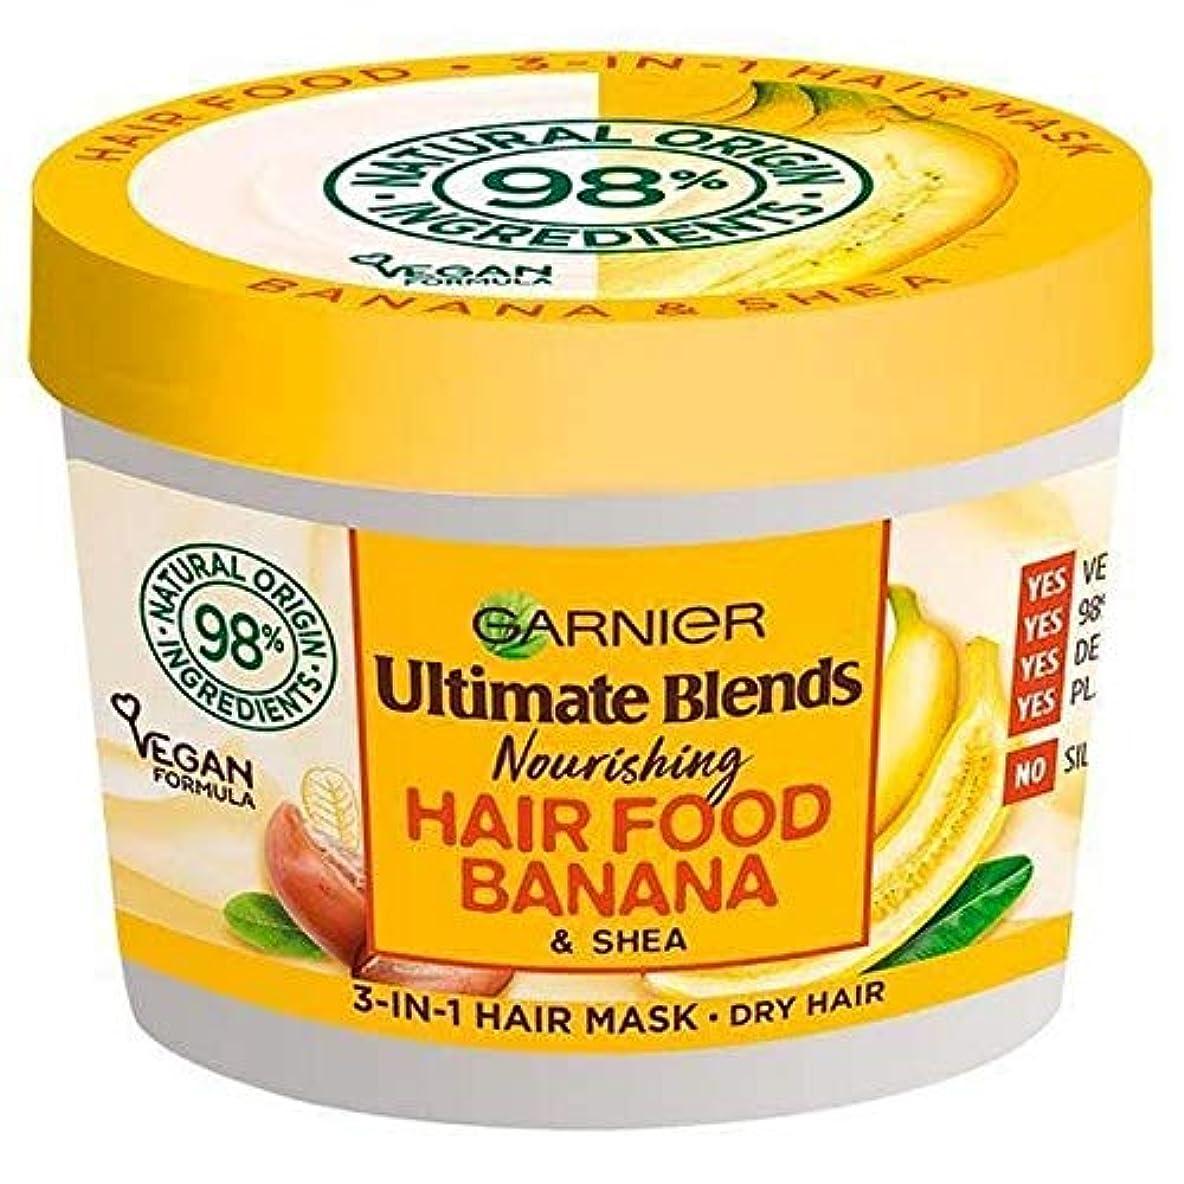 あご定期的な珍味[Garnier ] ガルニエ究極は1つのマスク390ミリリットルでヘア食品バナナ3をブレンド - Garnier Ultimate Blends Hair Food Banana 3 in 1 Mask 390ml [...